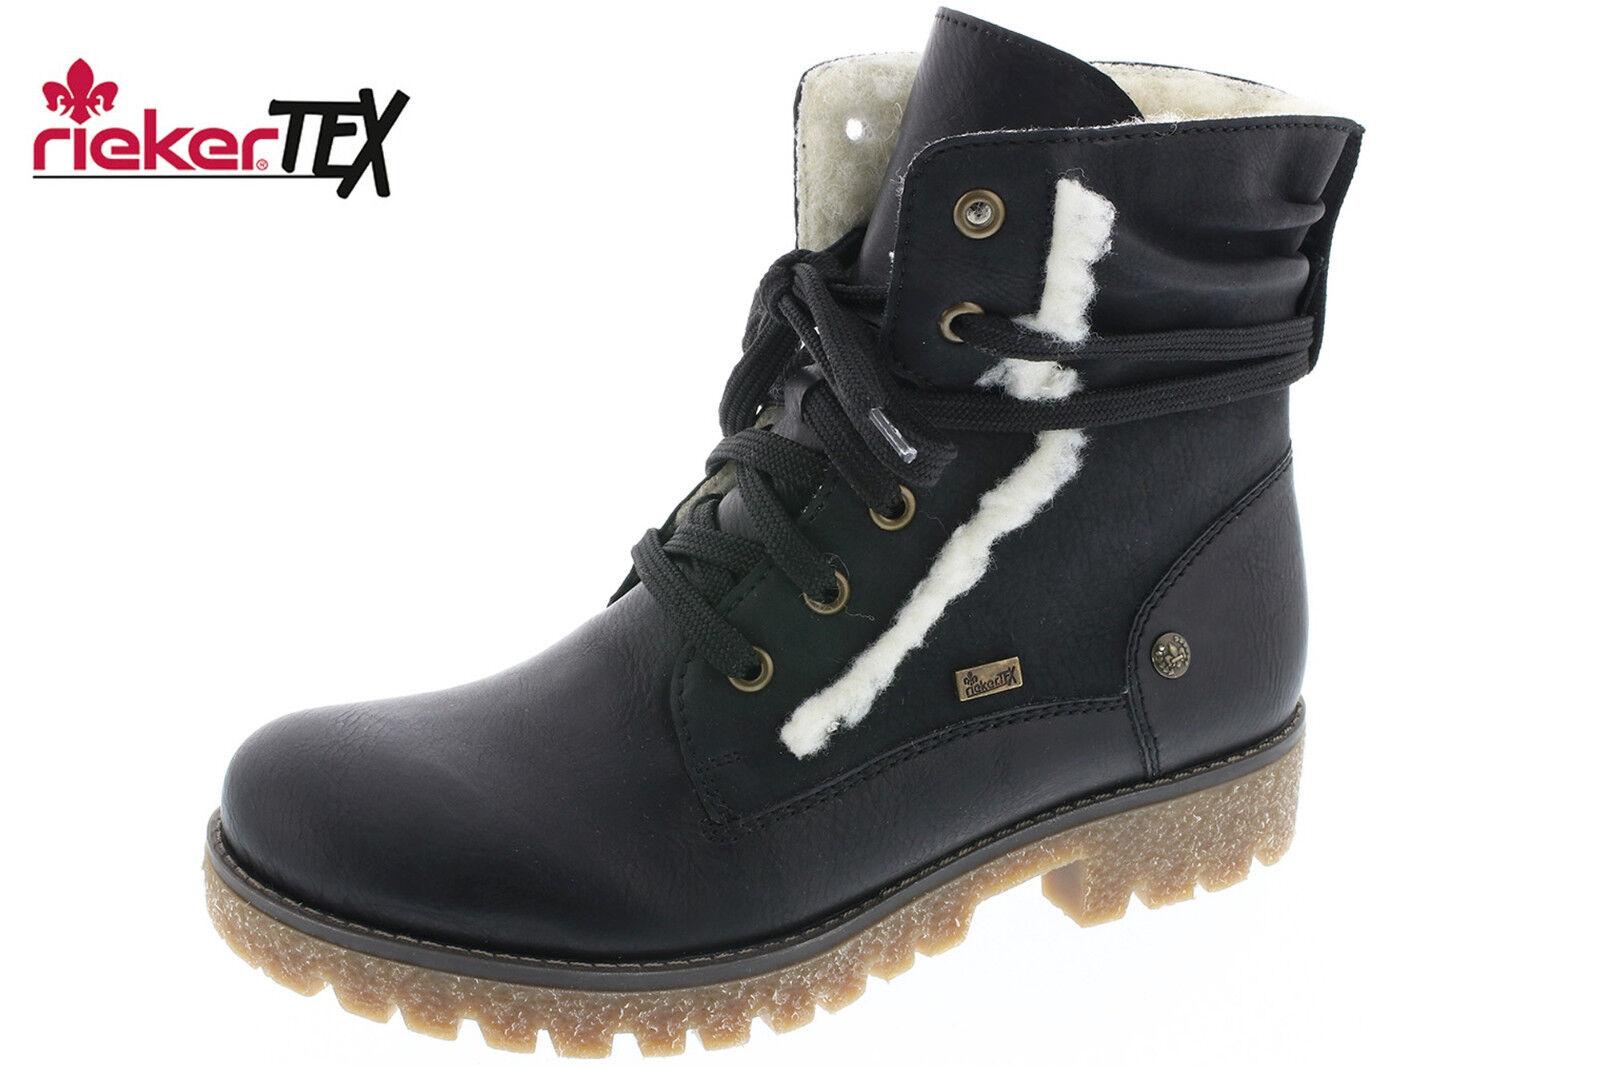 Rieker Tex Damen Winter Stiefel Schwarz Stiefel Schurwolle Schuhe 79845-00 NEU